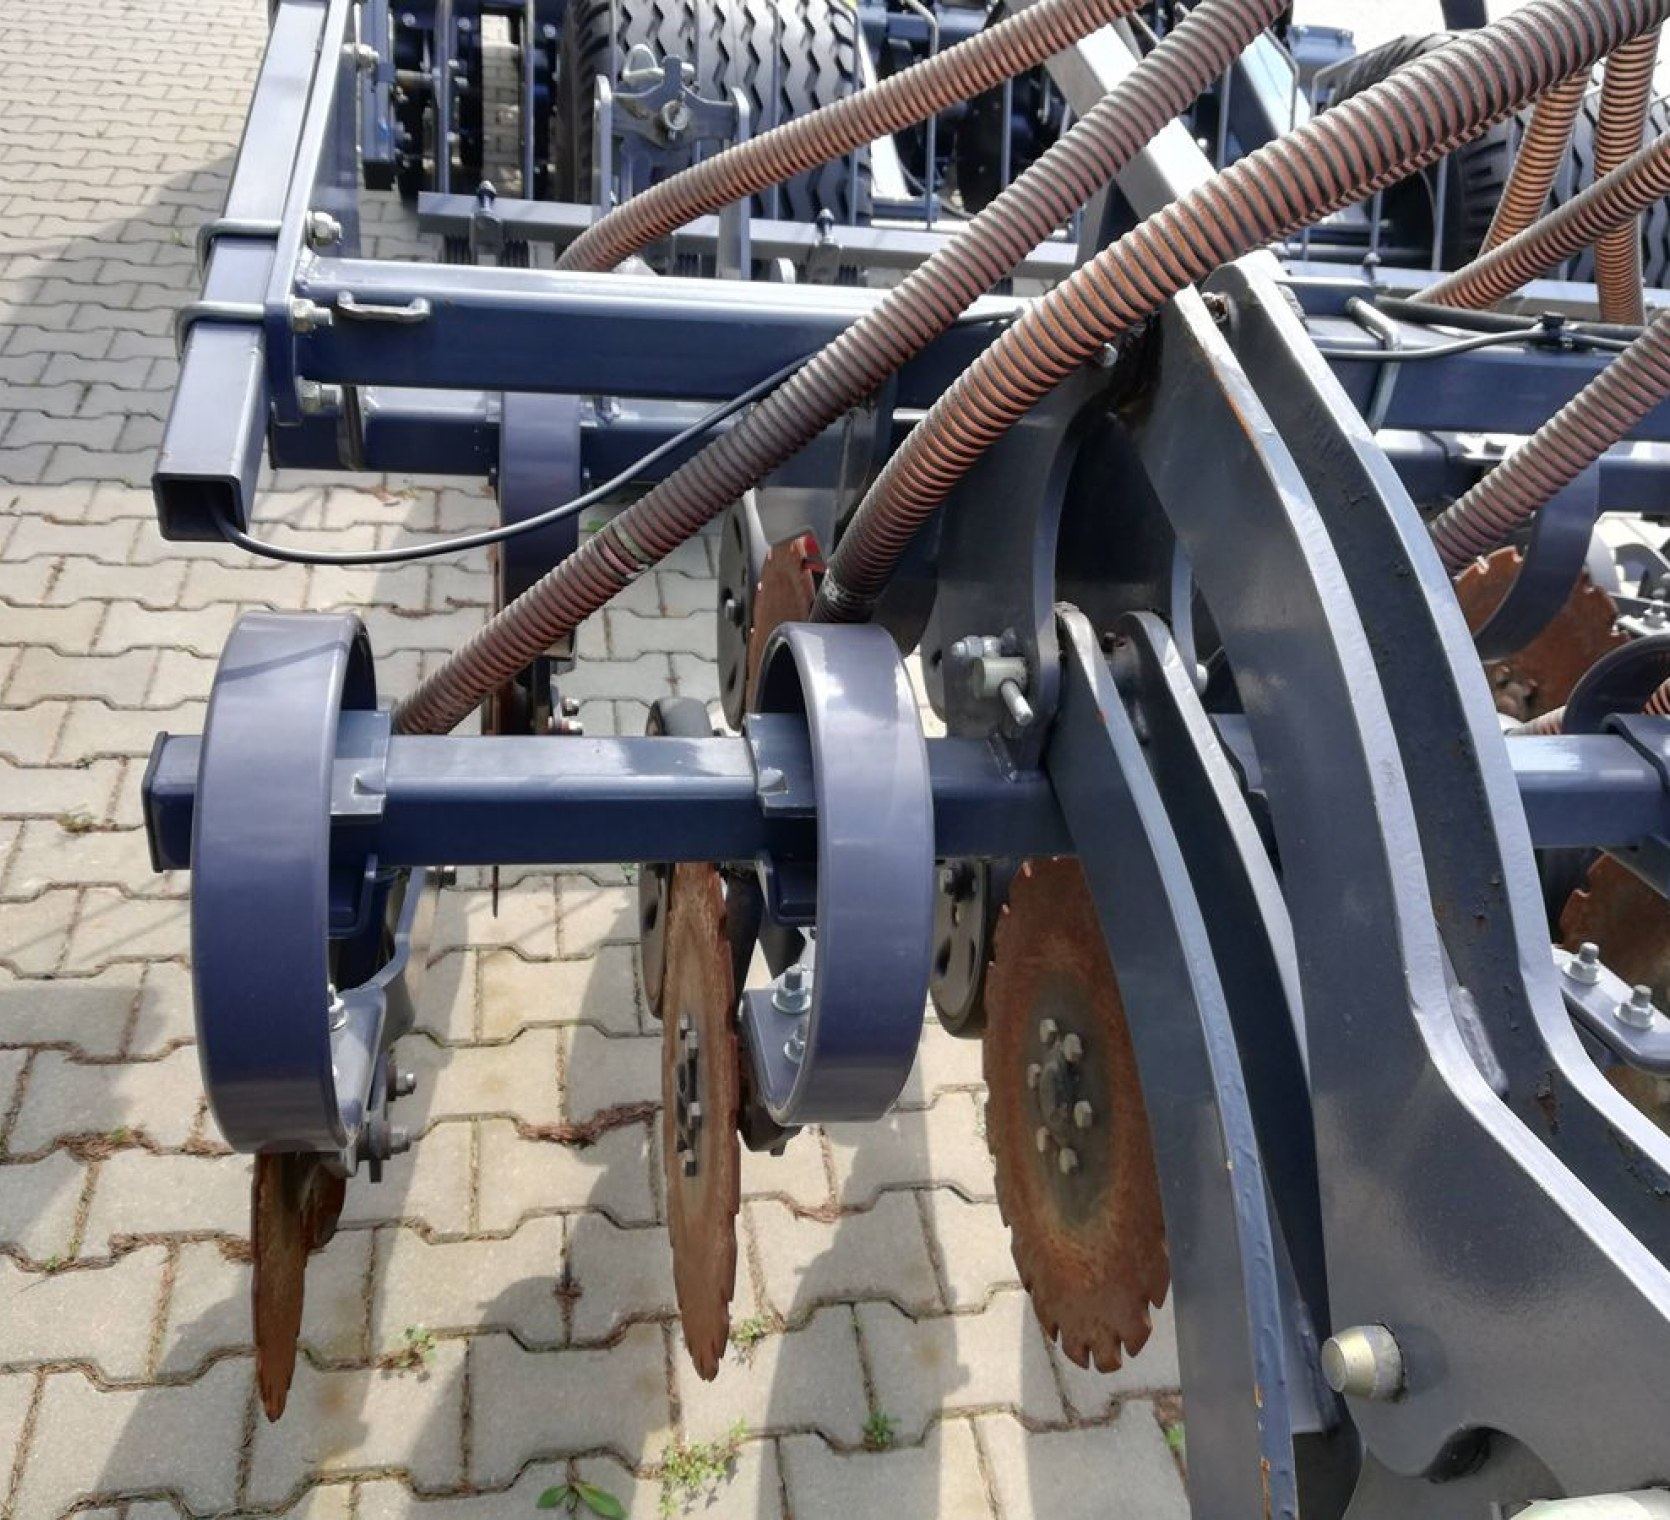 Redlice talerzowe na sprężynie, maksymalny docisk sekcji do 120 kg/sekcję